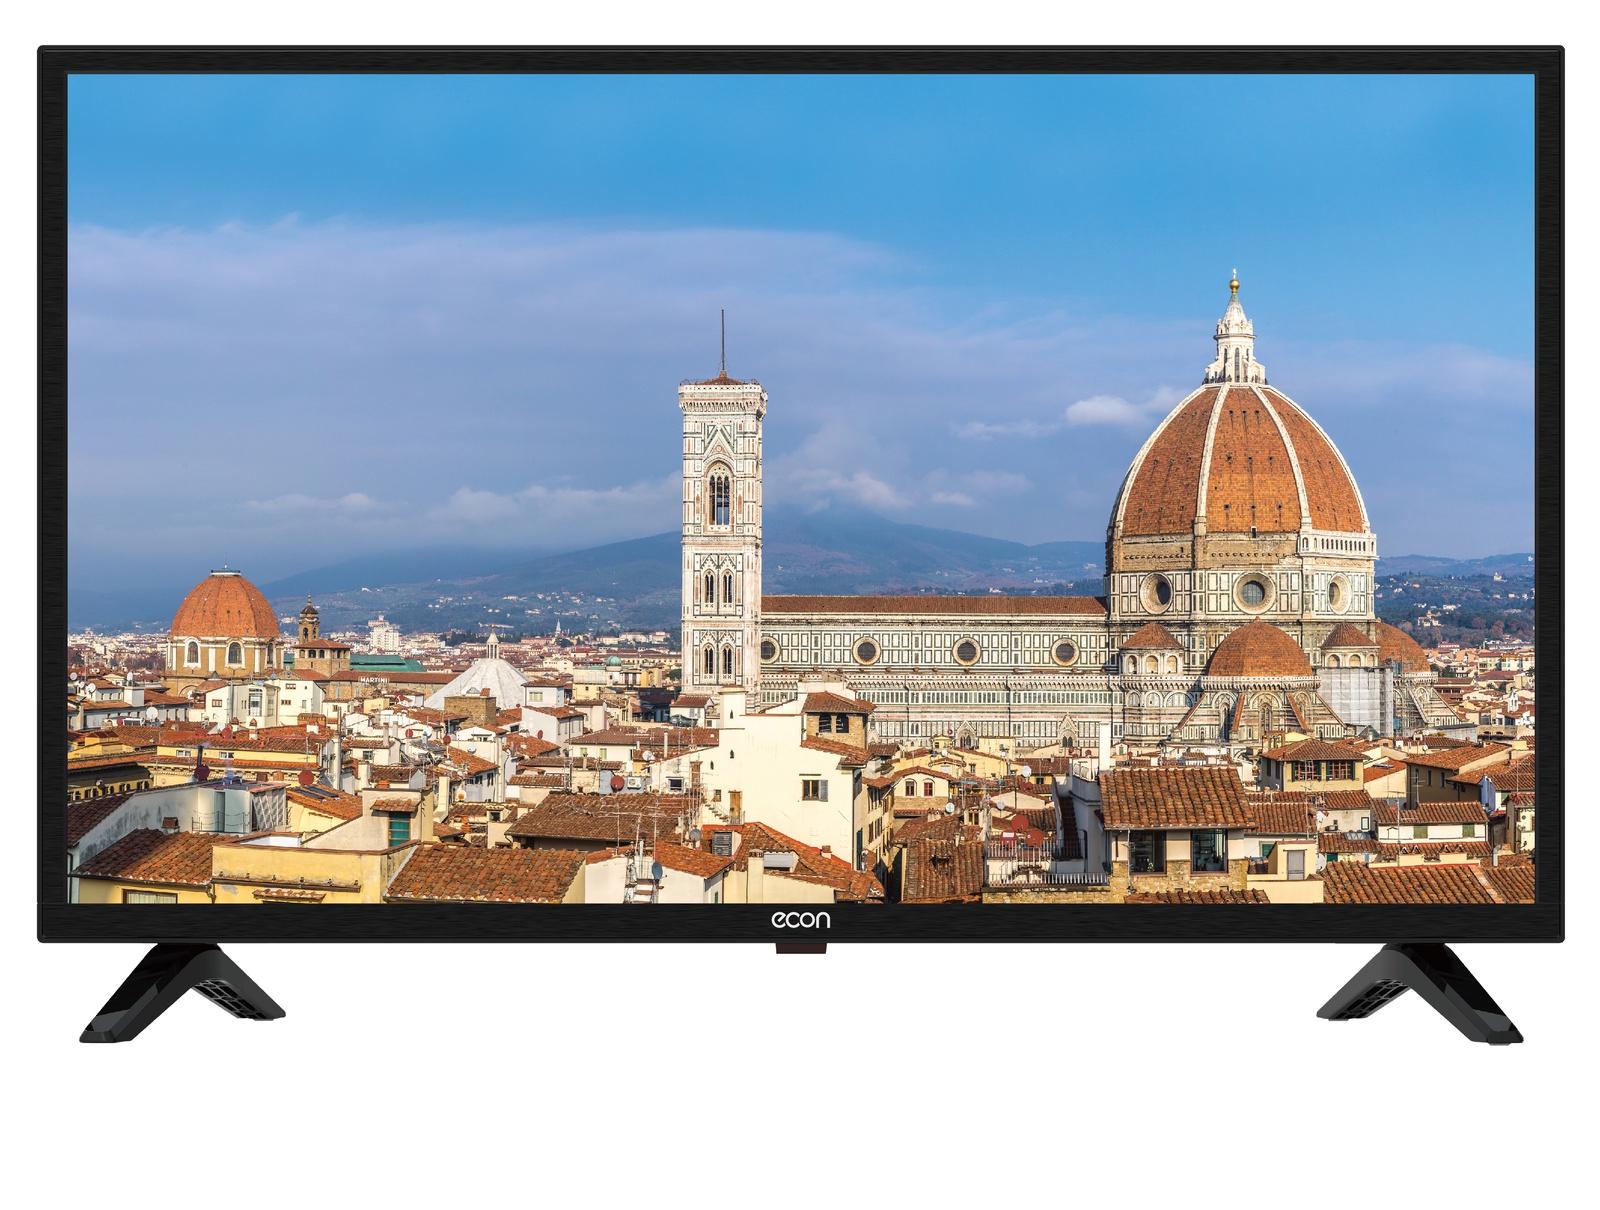 """Телевизор ECON LED SMART TV, 24""""(60 см), с встроенным цифровым тюнером DVB-T2, с модулем WI-FI 24"""", черный"""